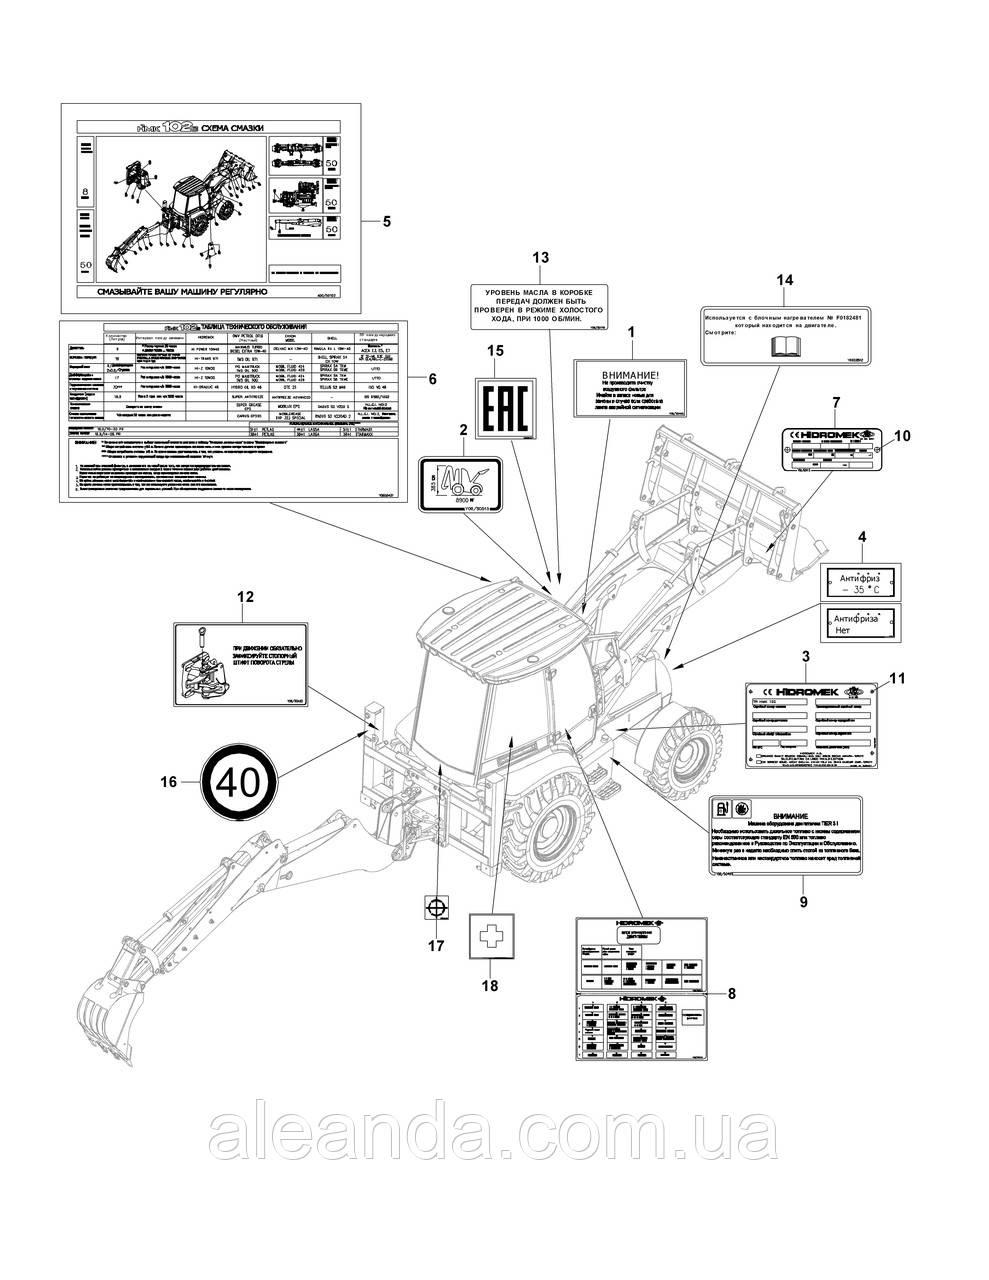 80507009 шайба кріплення важеля управління робочого обладнання Hidromek